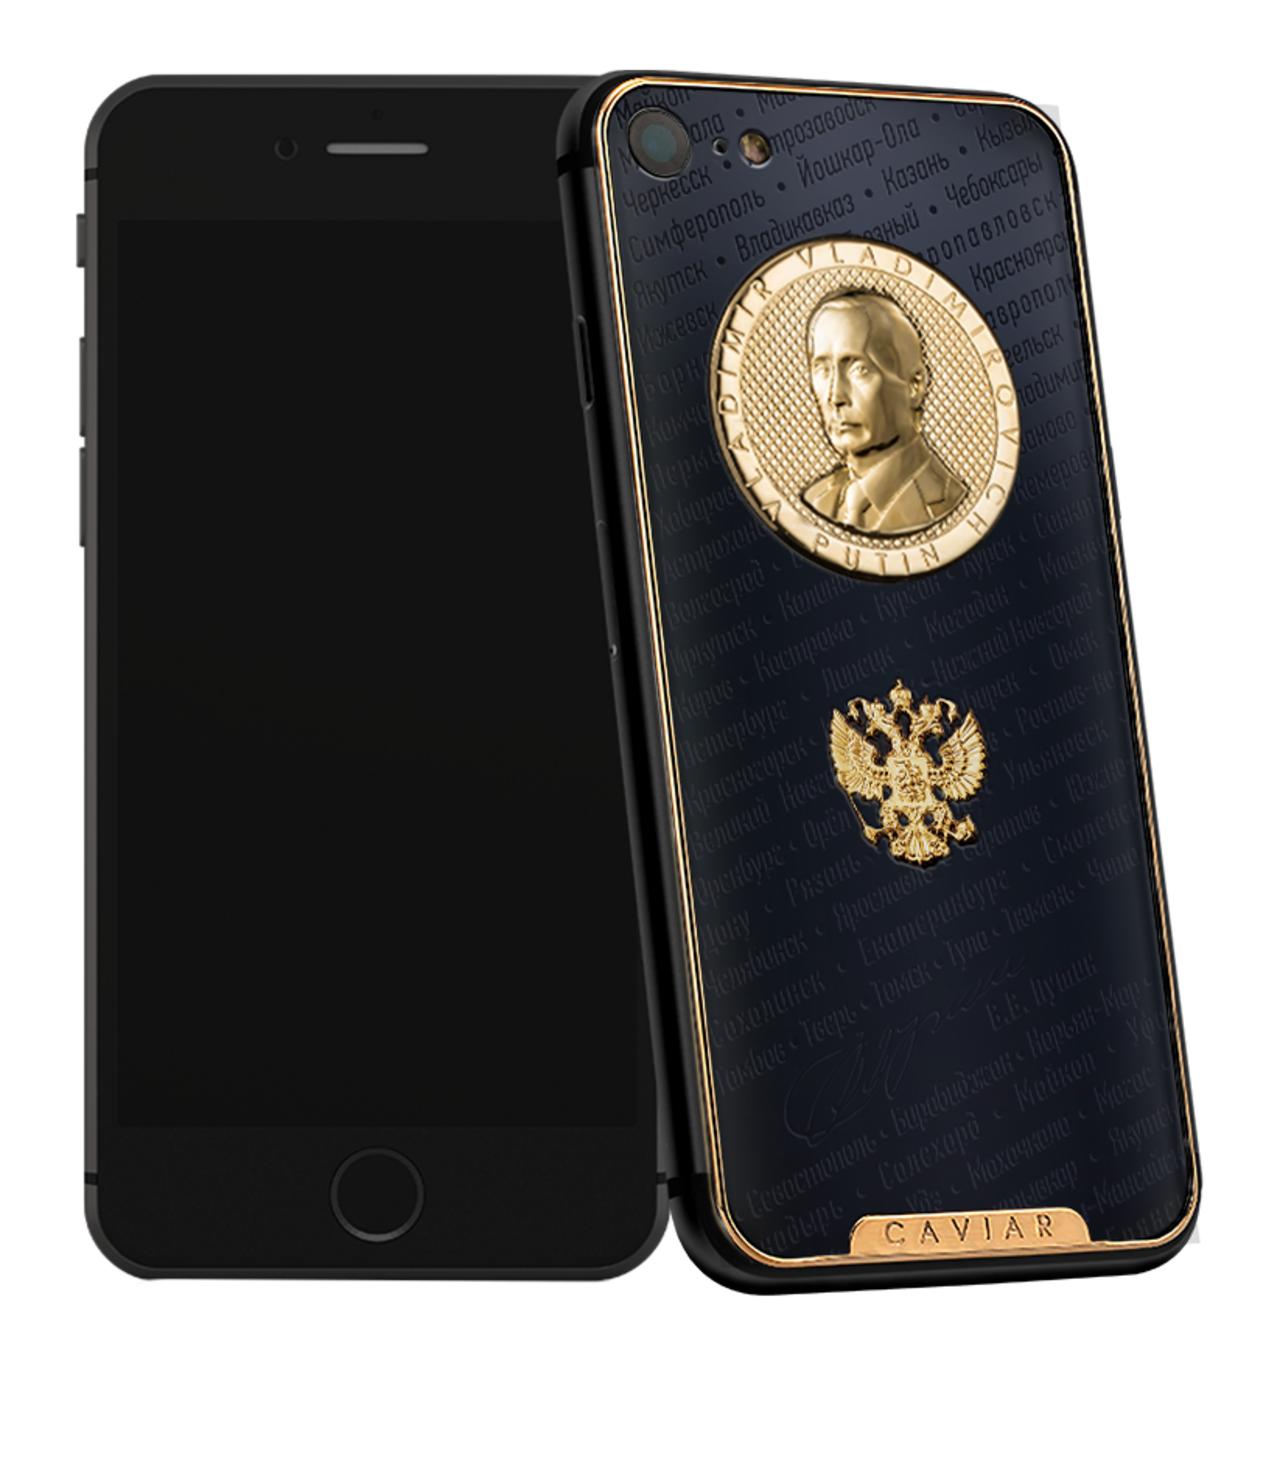 Задавшему лучший вопрос Путину на«прямой линии» подарят золотой телефон